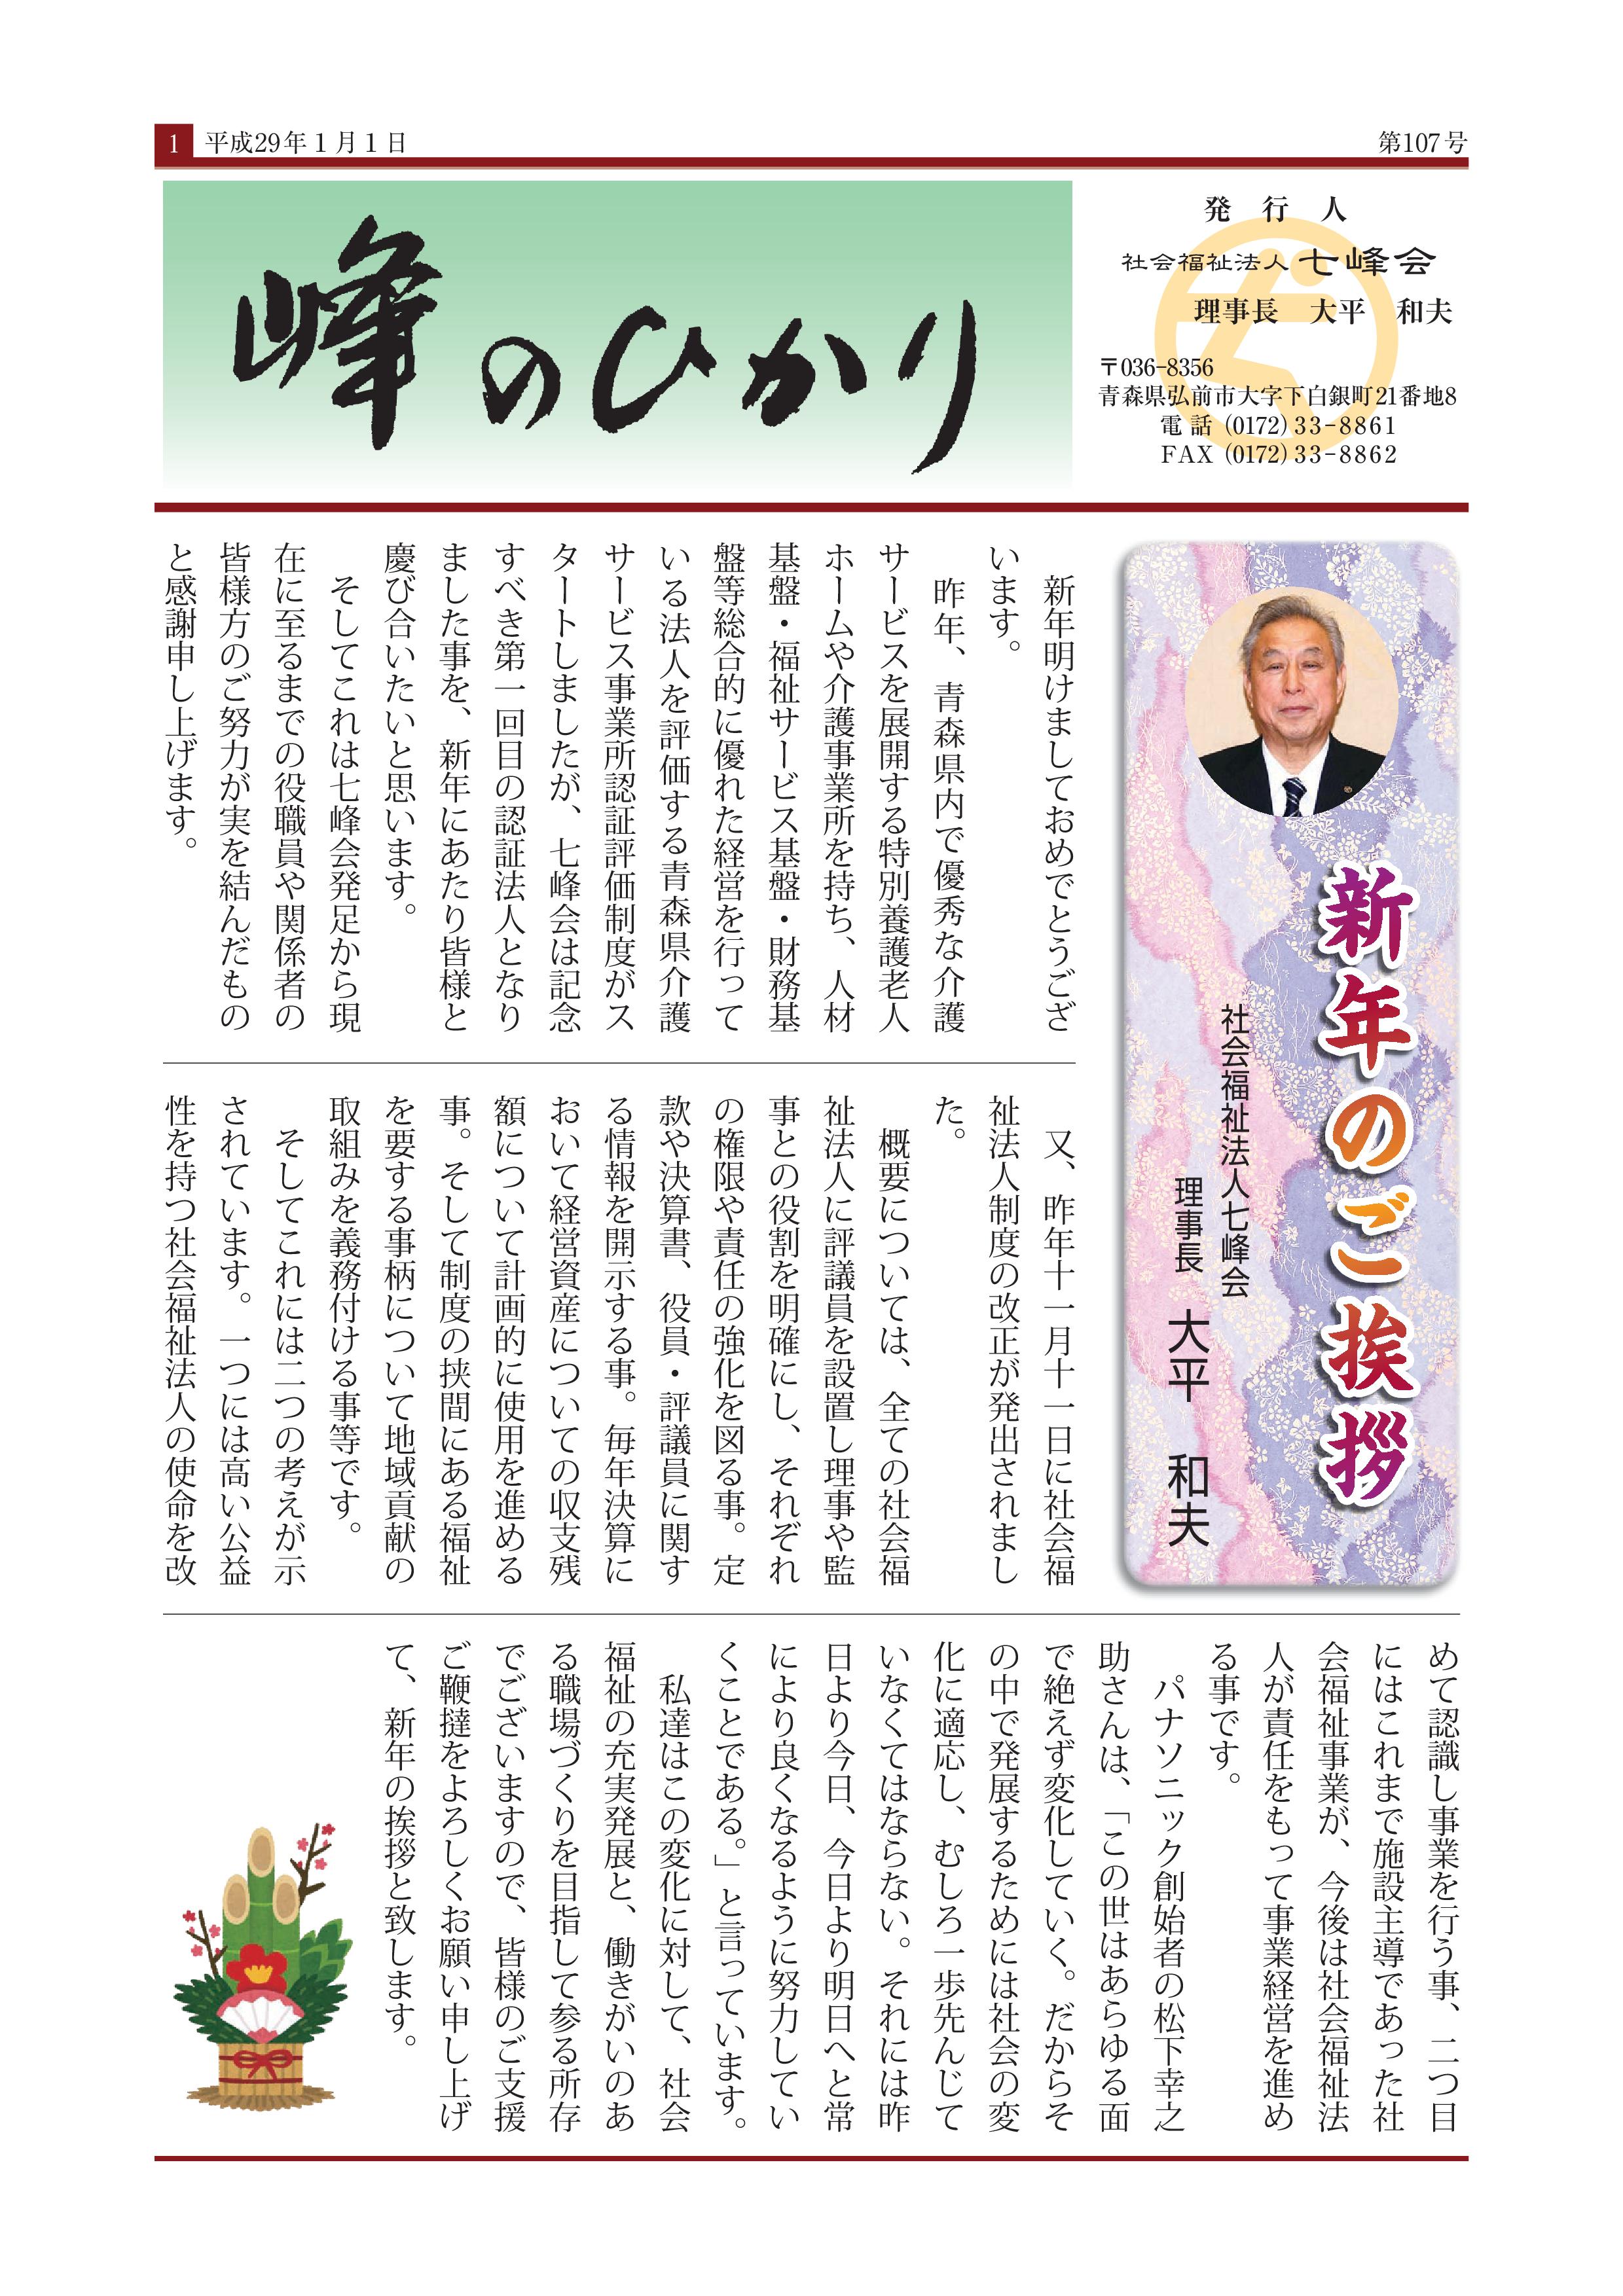 「峰のひかり」第107号のダウンロード[PDF:2MB]